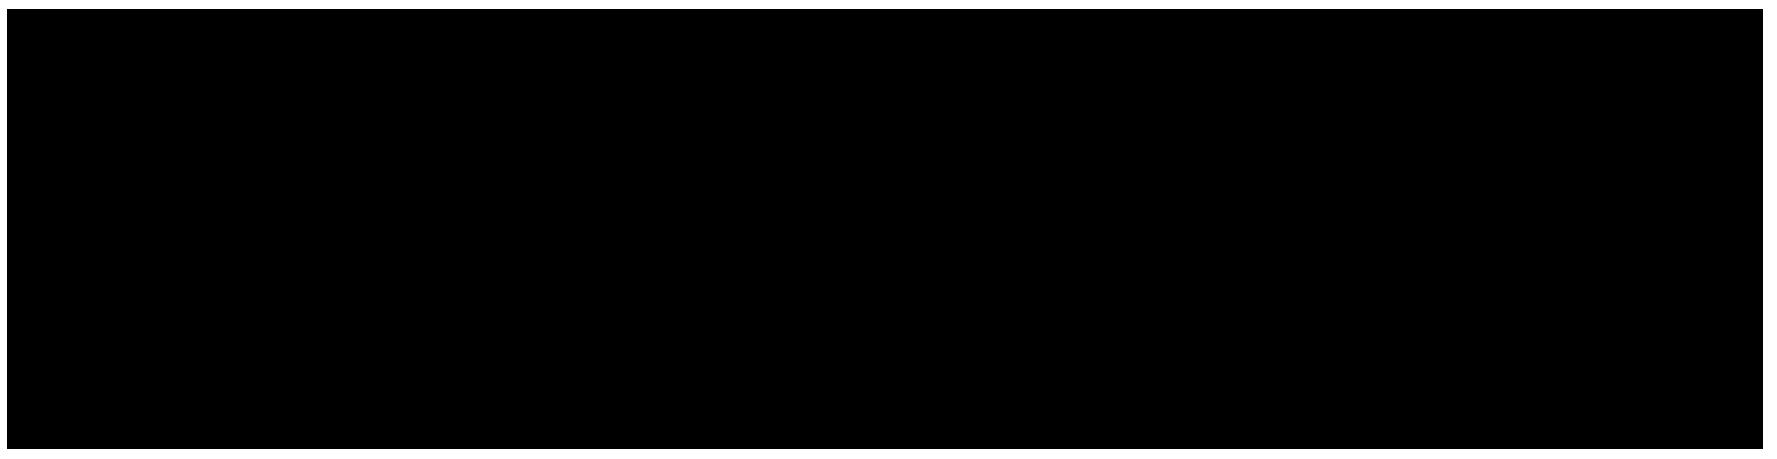 Schokoklunker-Schrift